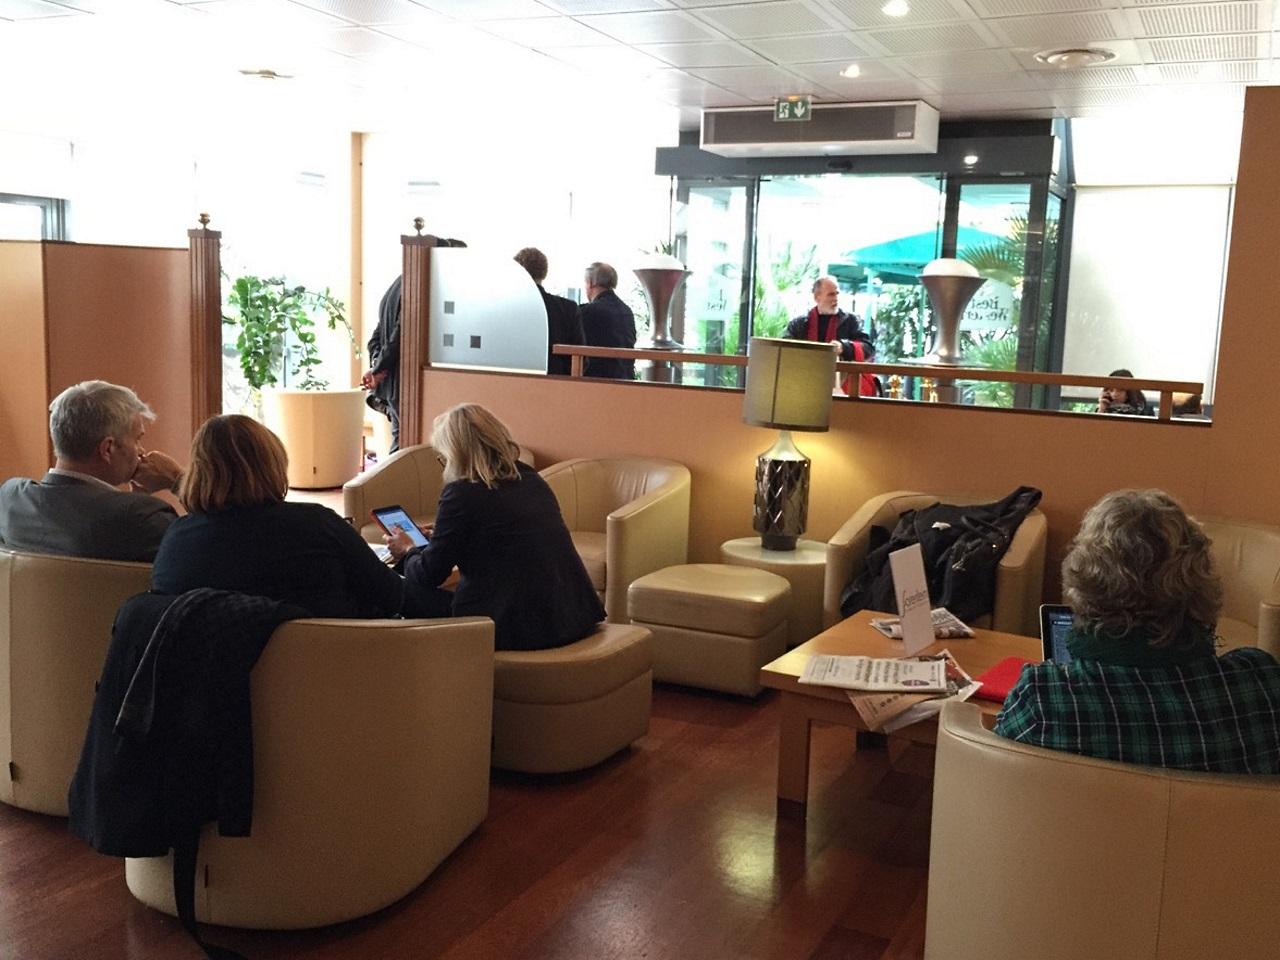 L'attente insoutenable à l'hôtel Le Charlemagne - LyonMag